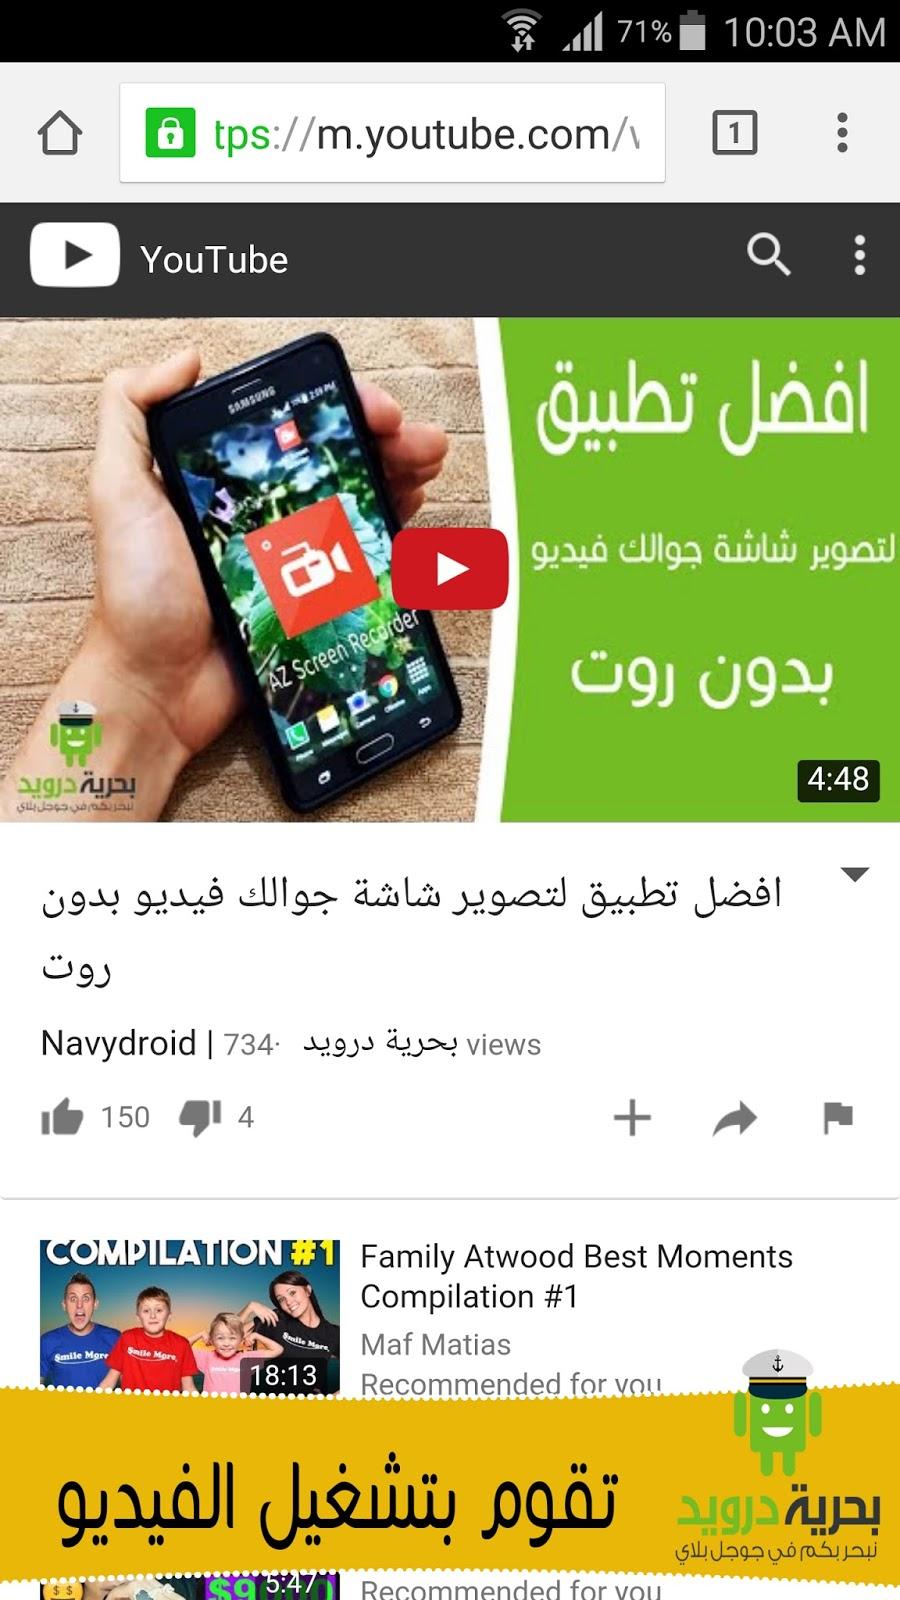 طريقة تشغيل فيديوهات اليوتيوب في الخلفية باستخدام جوجل كروم